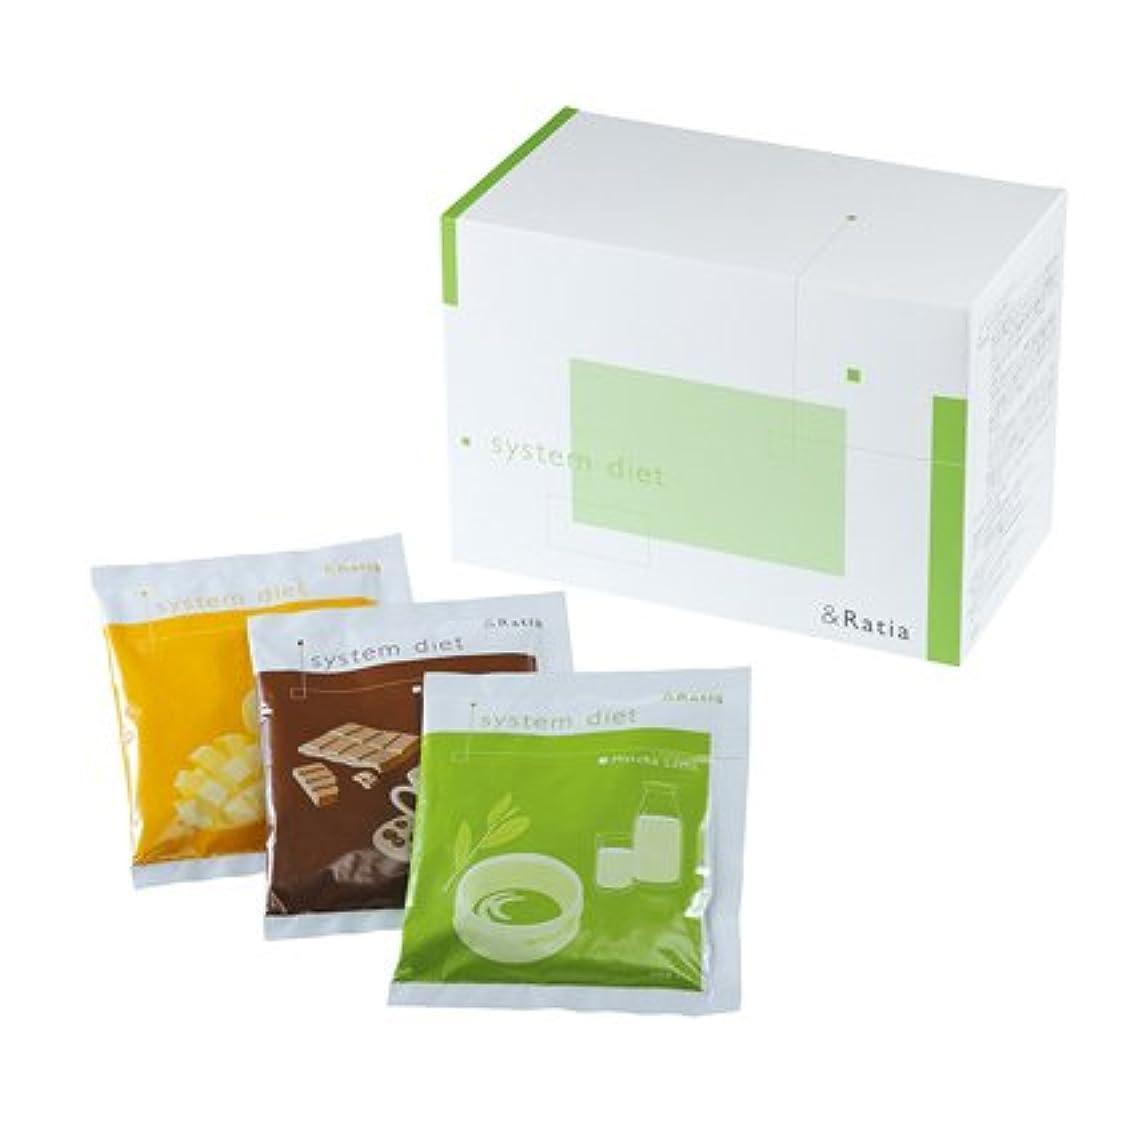 ファイターキャップ広げる&Ratia システムダイエット 14袋